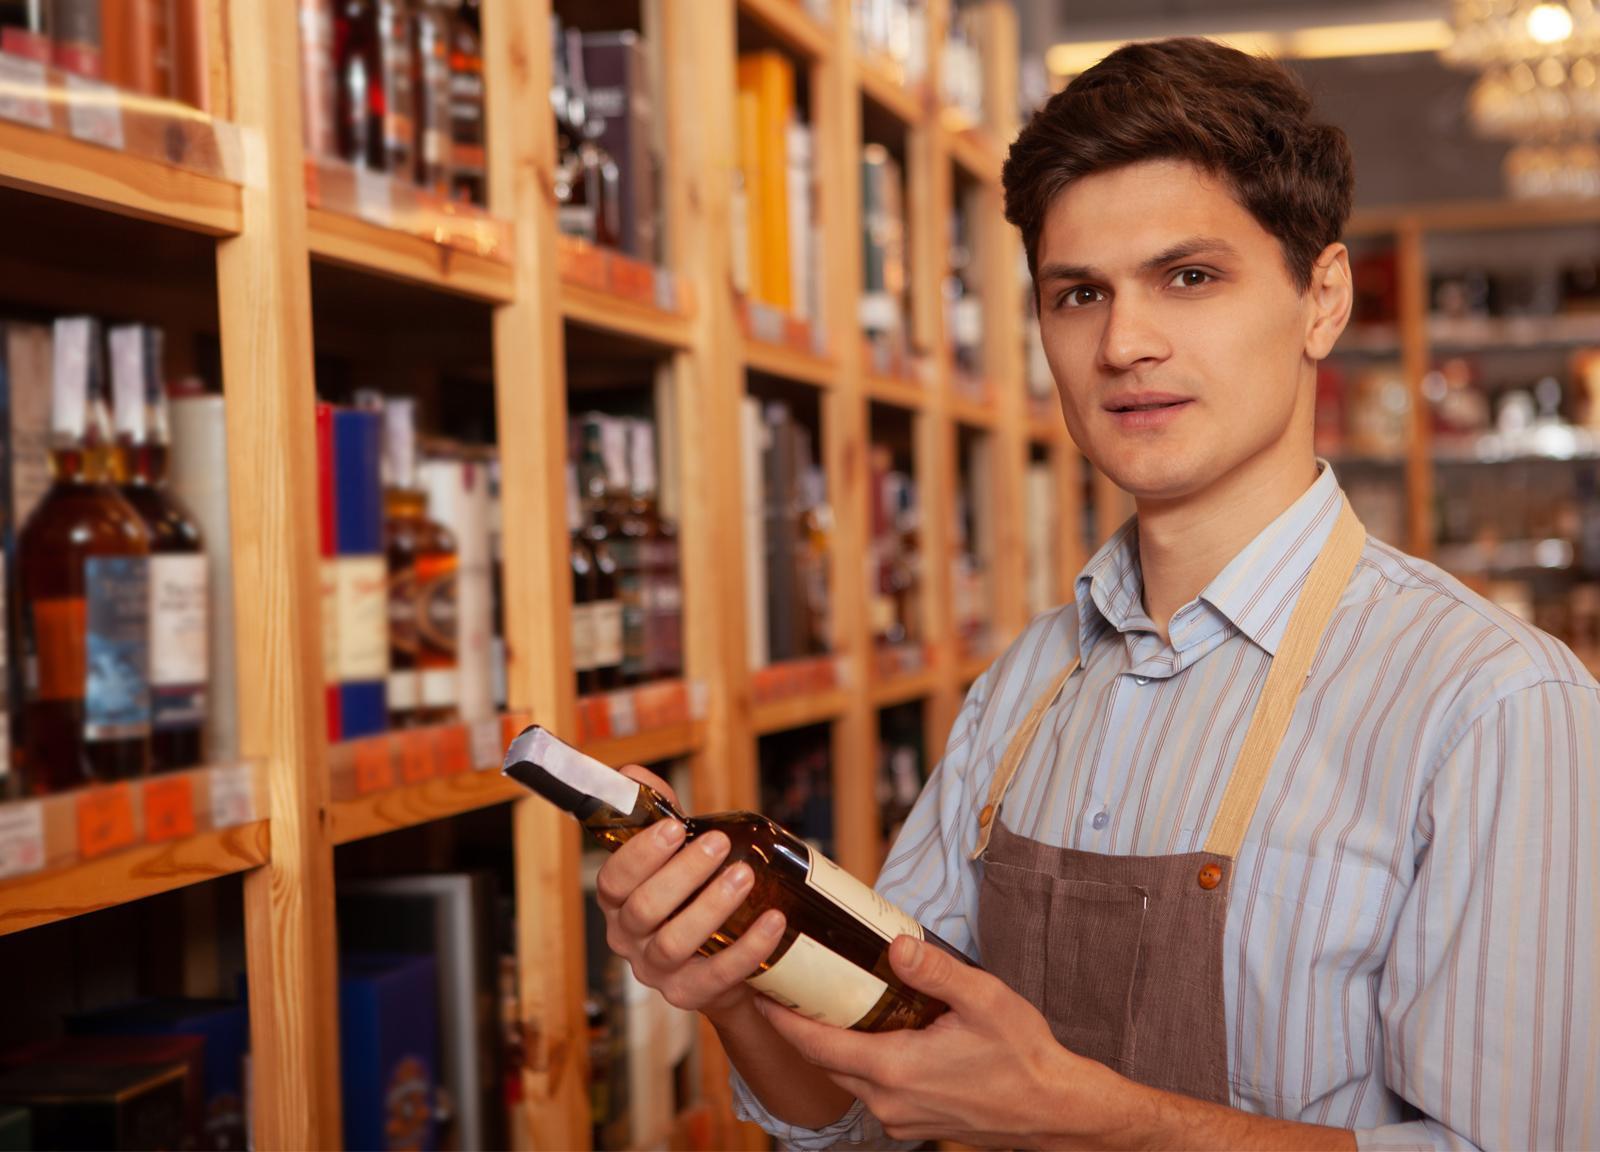 Vendas de bebidas alcoólicas dobra com o isolamento social